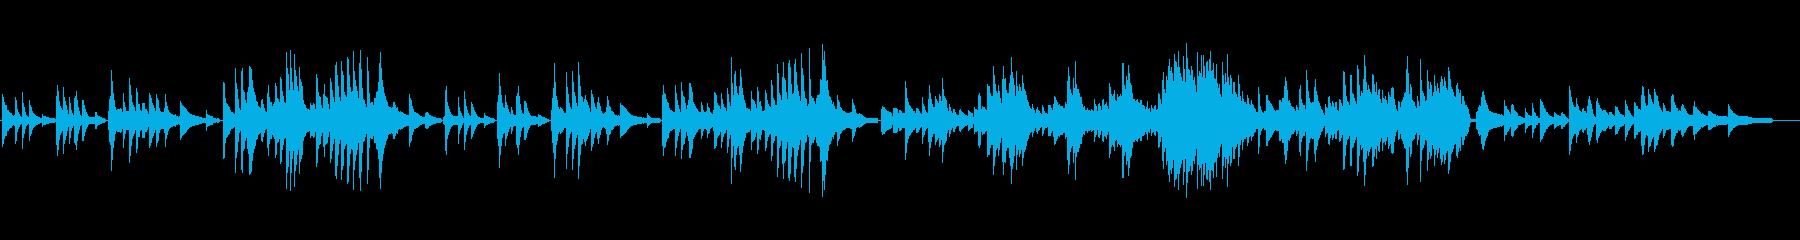 抒情小曲集より「愛の歌」の再生済みの波形